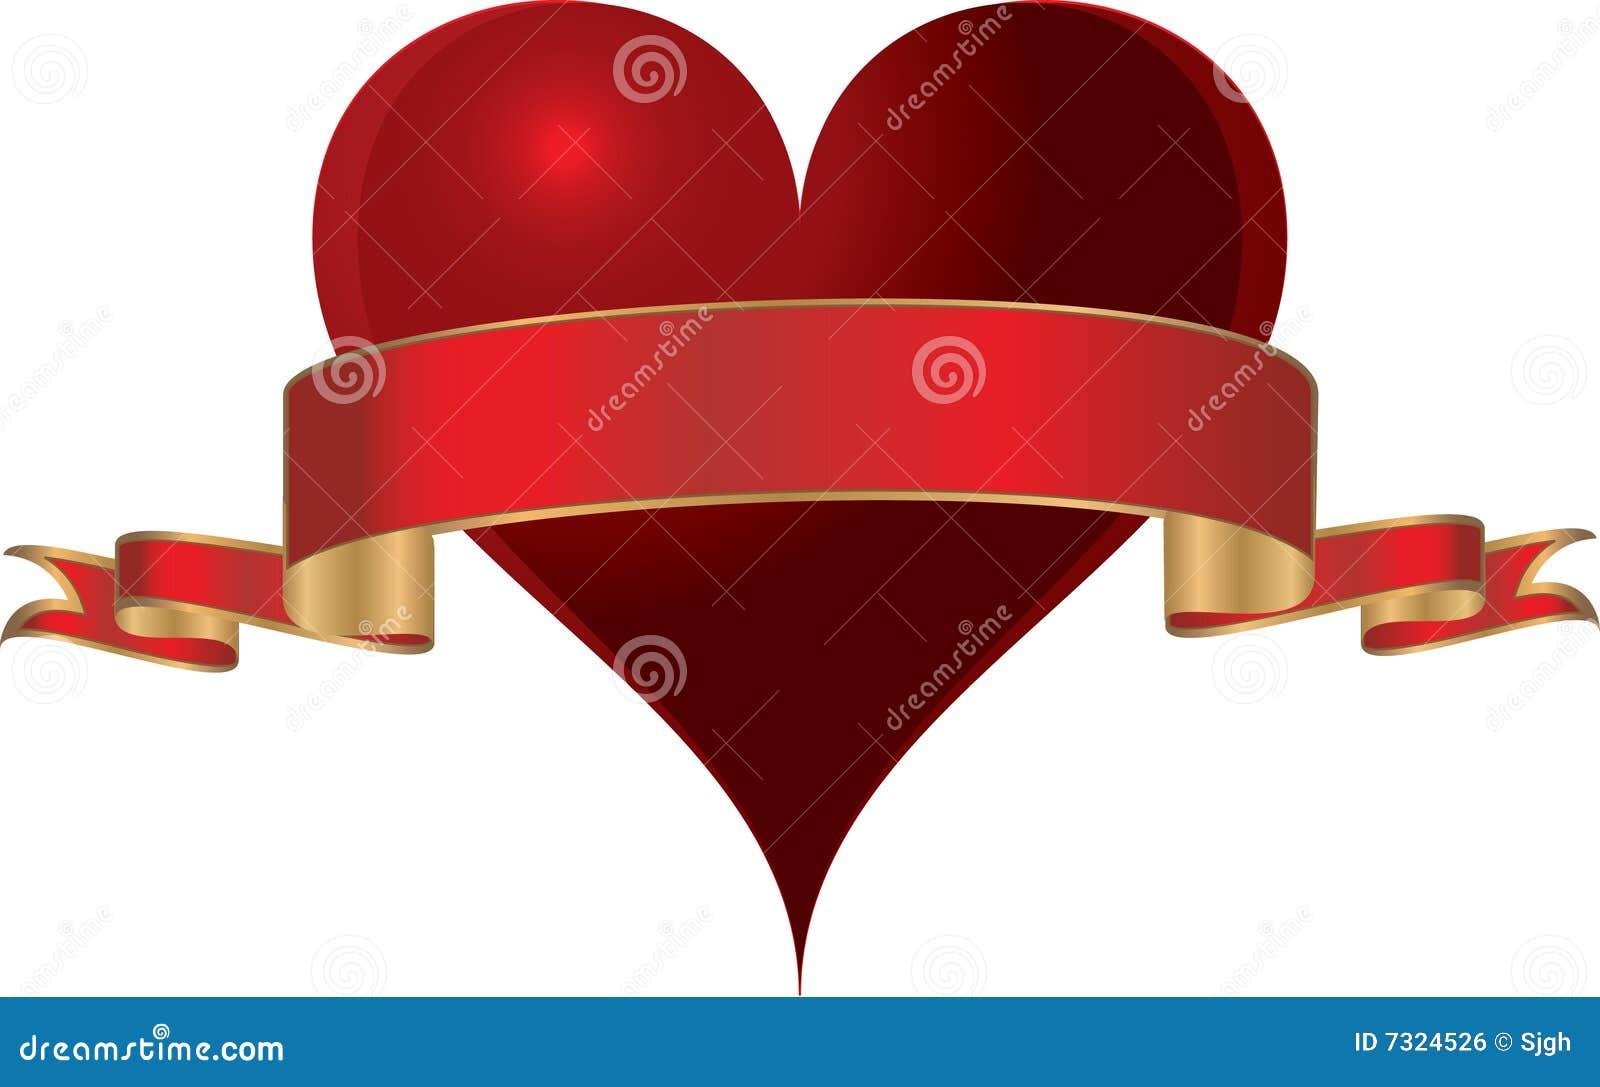 Un cuore di vettore con oro ha orlato il nastro rosso.